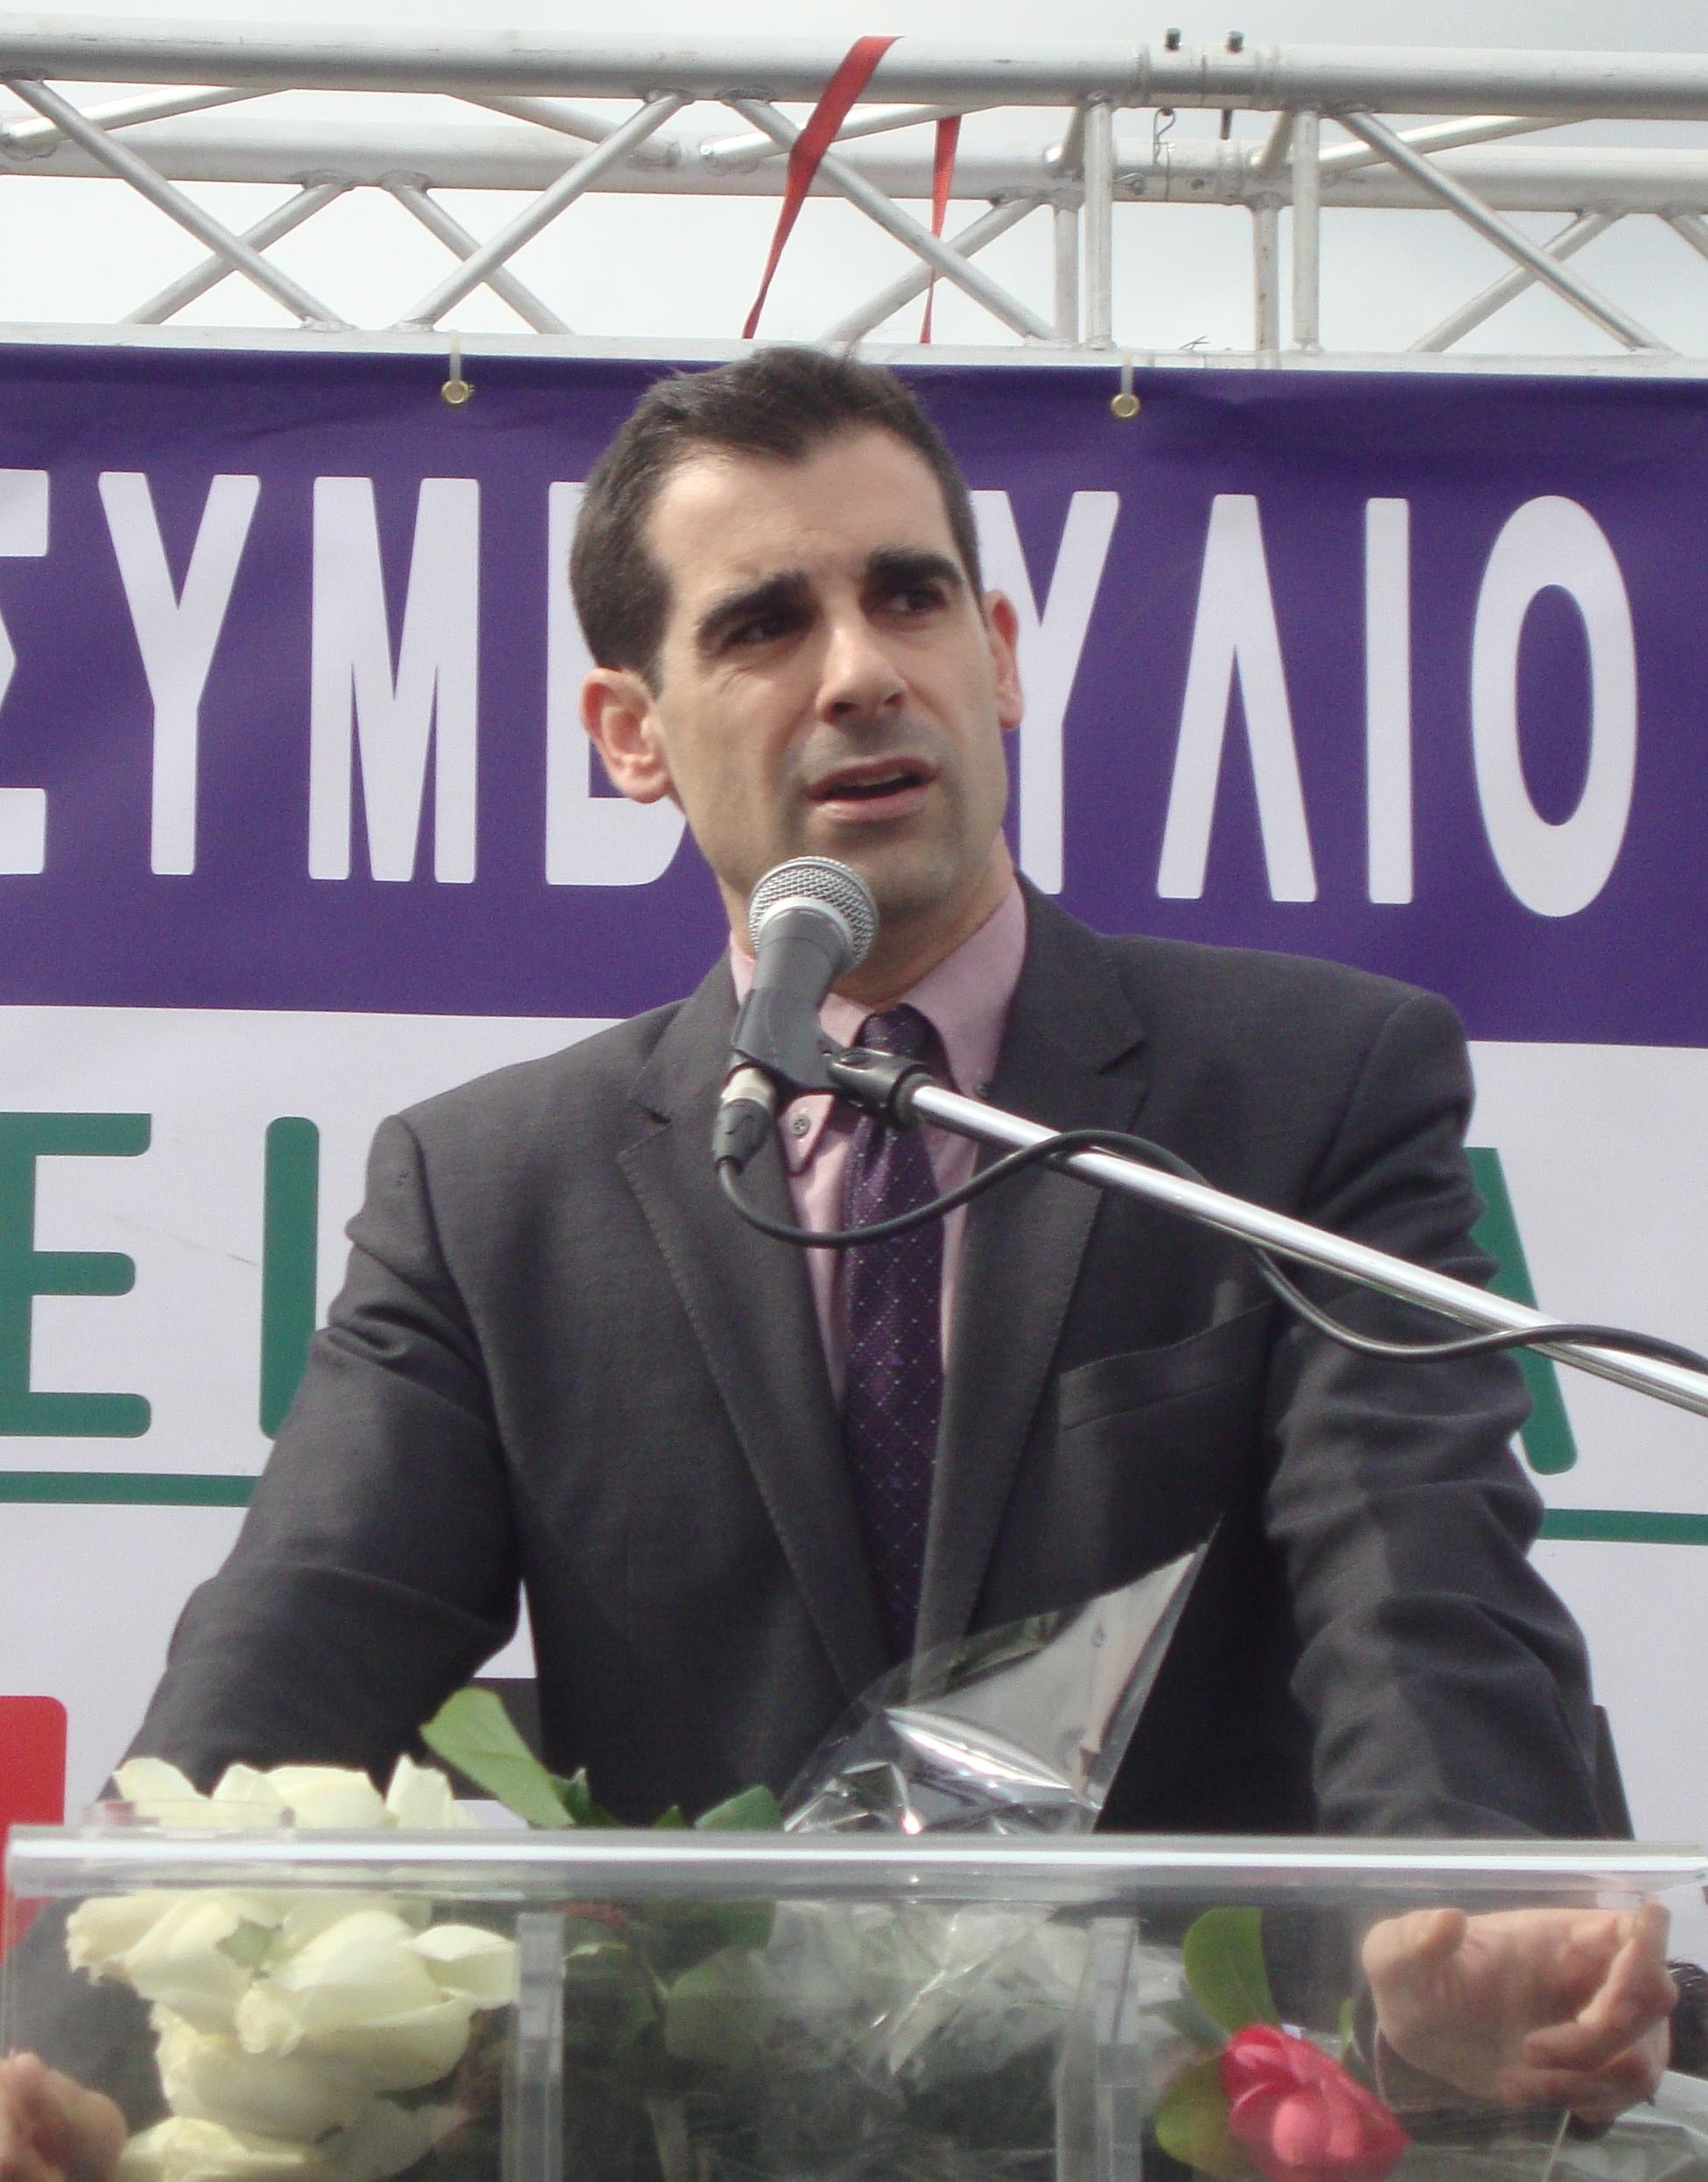 Δήλωση – Χαιρετισμός Αντιπεριφερειάρχη Π.Ε Ηλείας κ. Βασίλη Γιαννόπουλου, στην Ανοιχτή Συγκέντρωση Διαμαρτυρίας, στο Βουπράσιο, για την Ε.Ο Πατρών – Πύργου